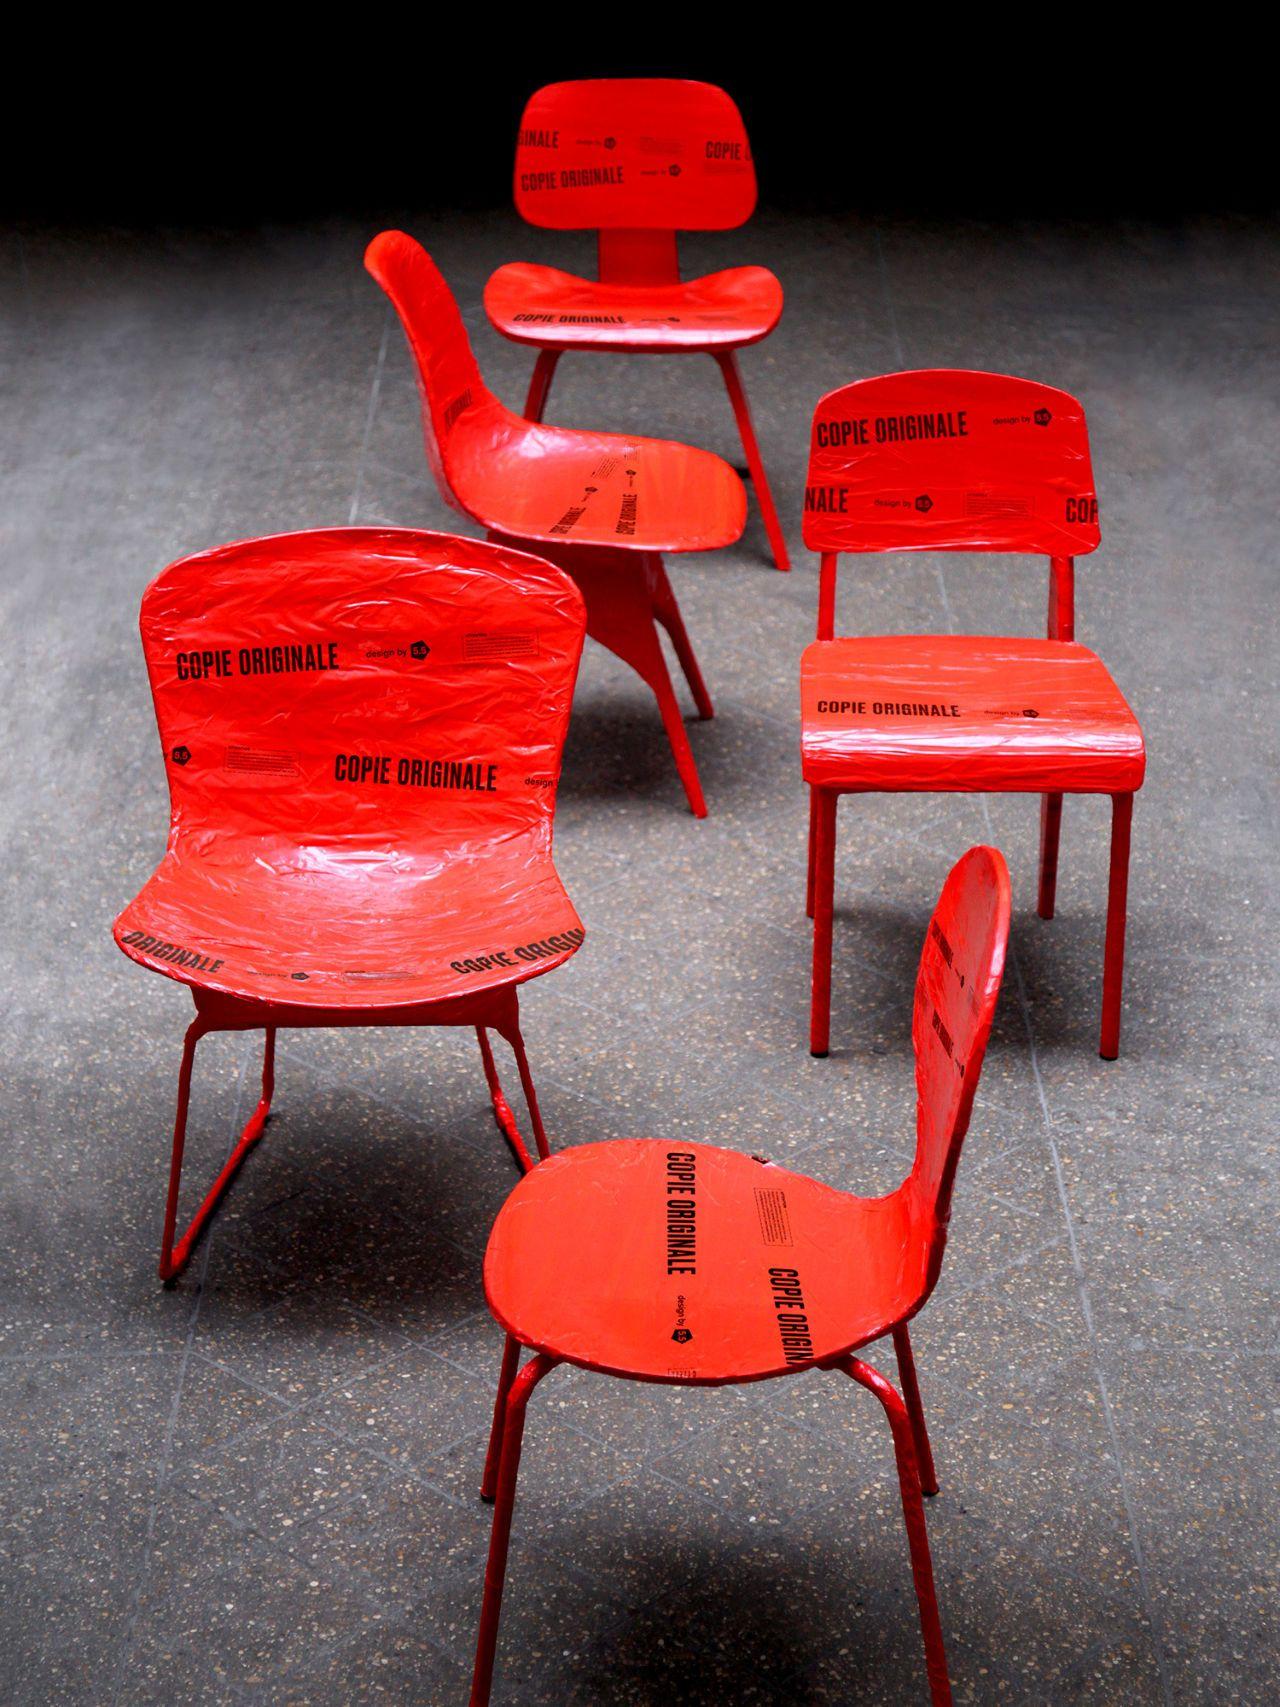 Epingle Par Doriane Leclere Sur 5 5 Designer Les Puces Du Design Design Studio Design